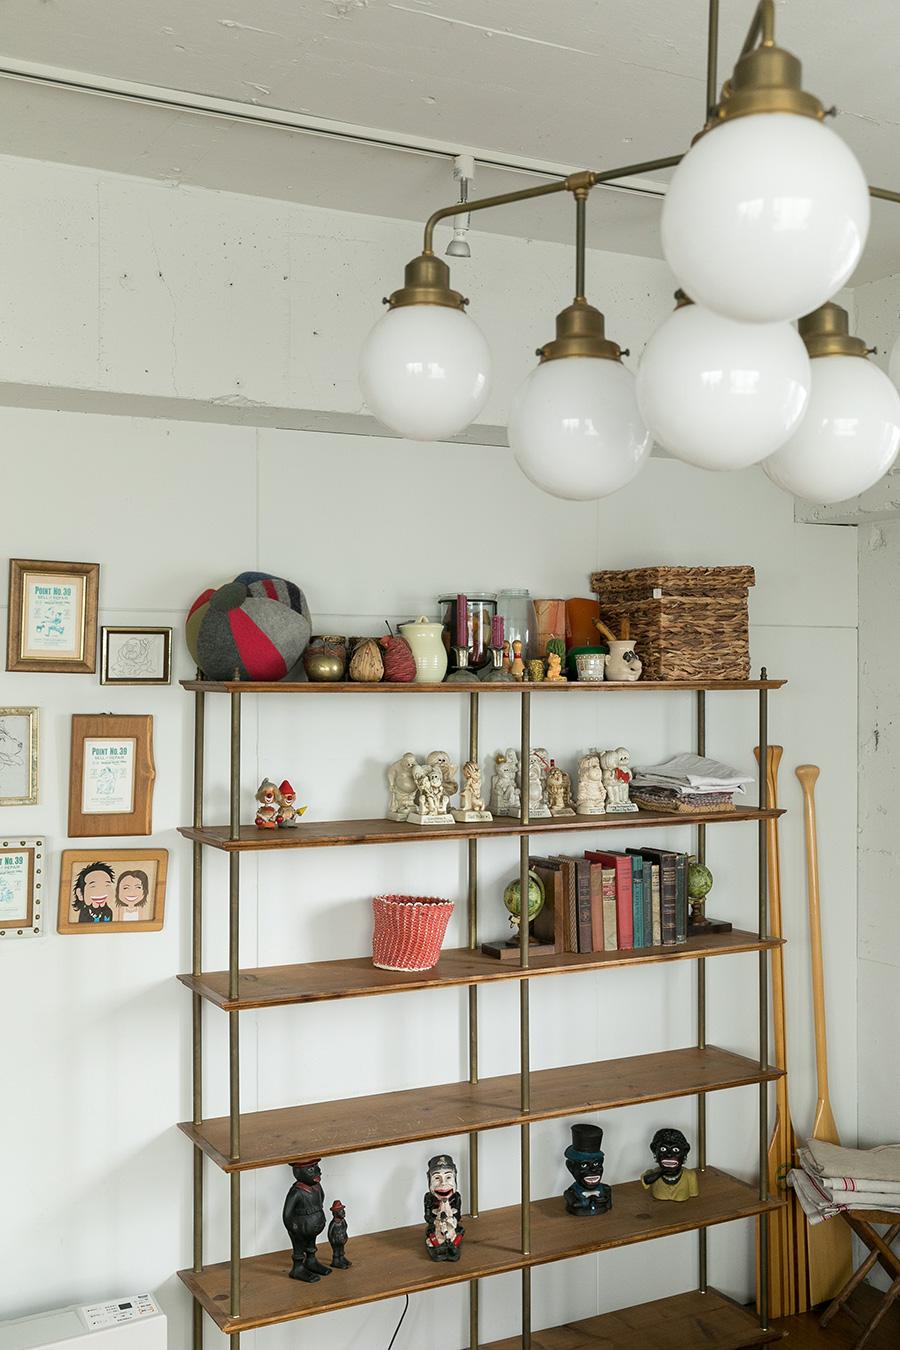 棚はDIYで製作。棚板を支えるスチール部分は、照明器具に使われるパーツを流用。